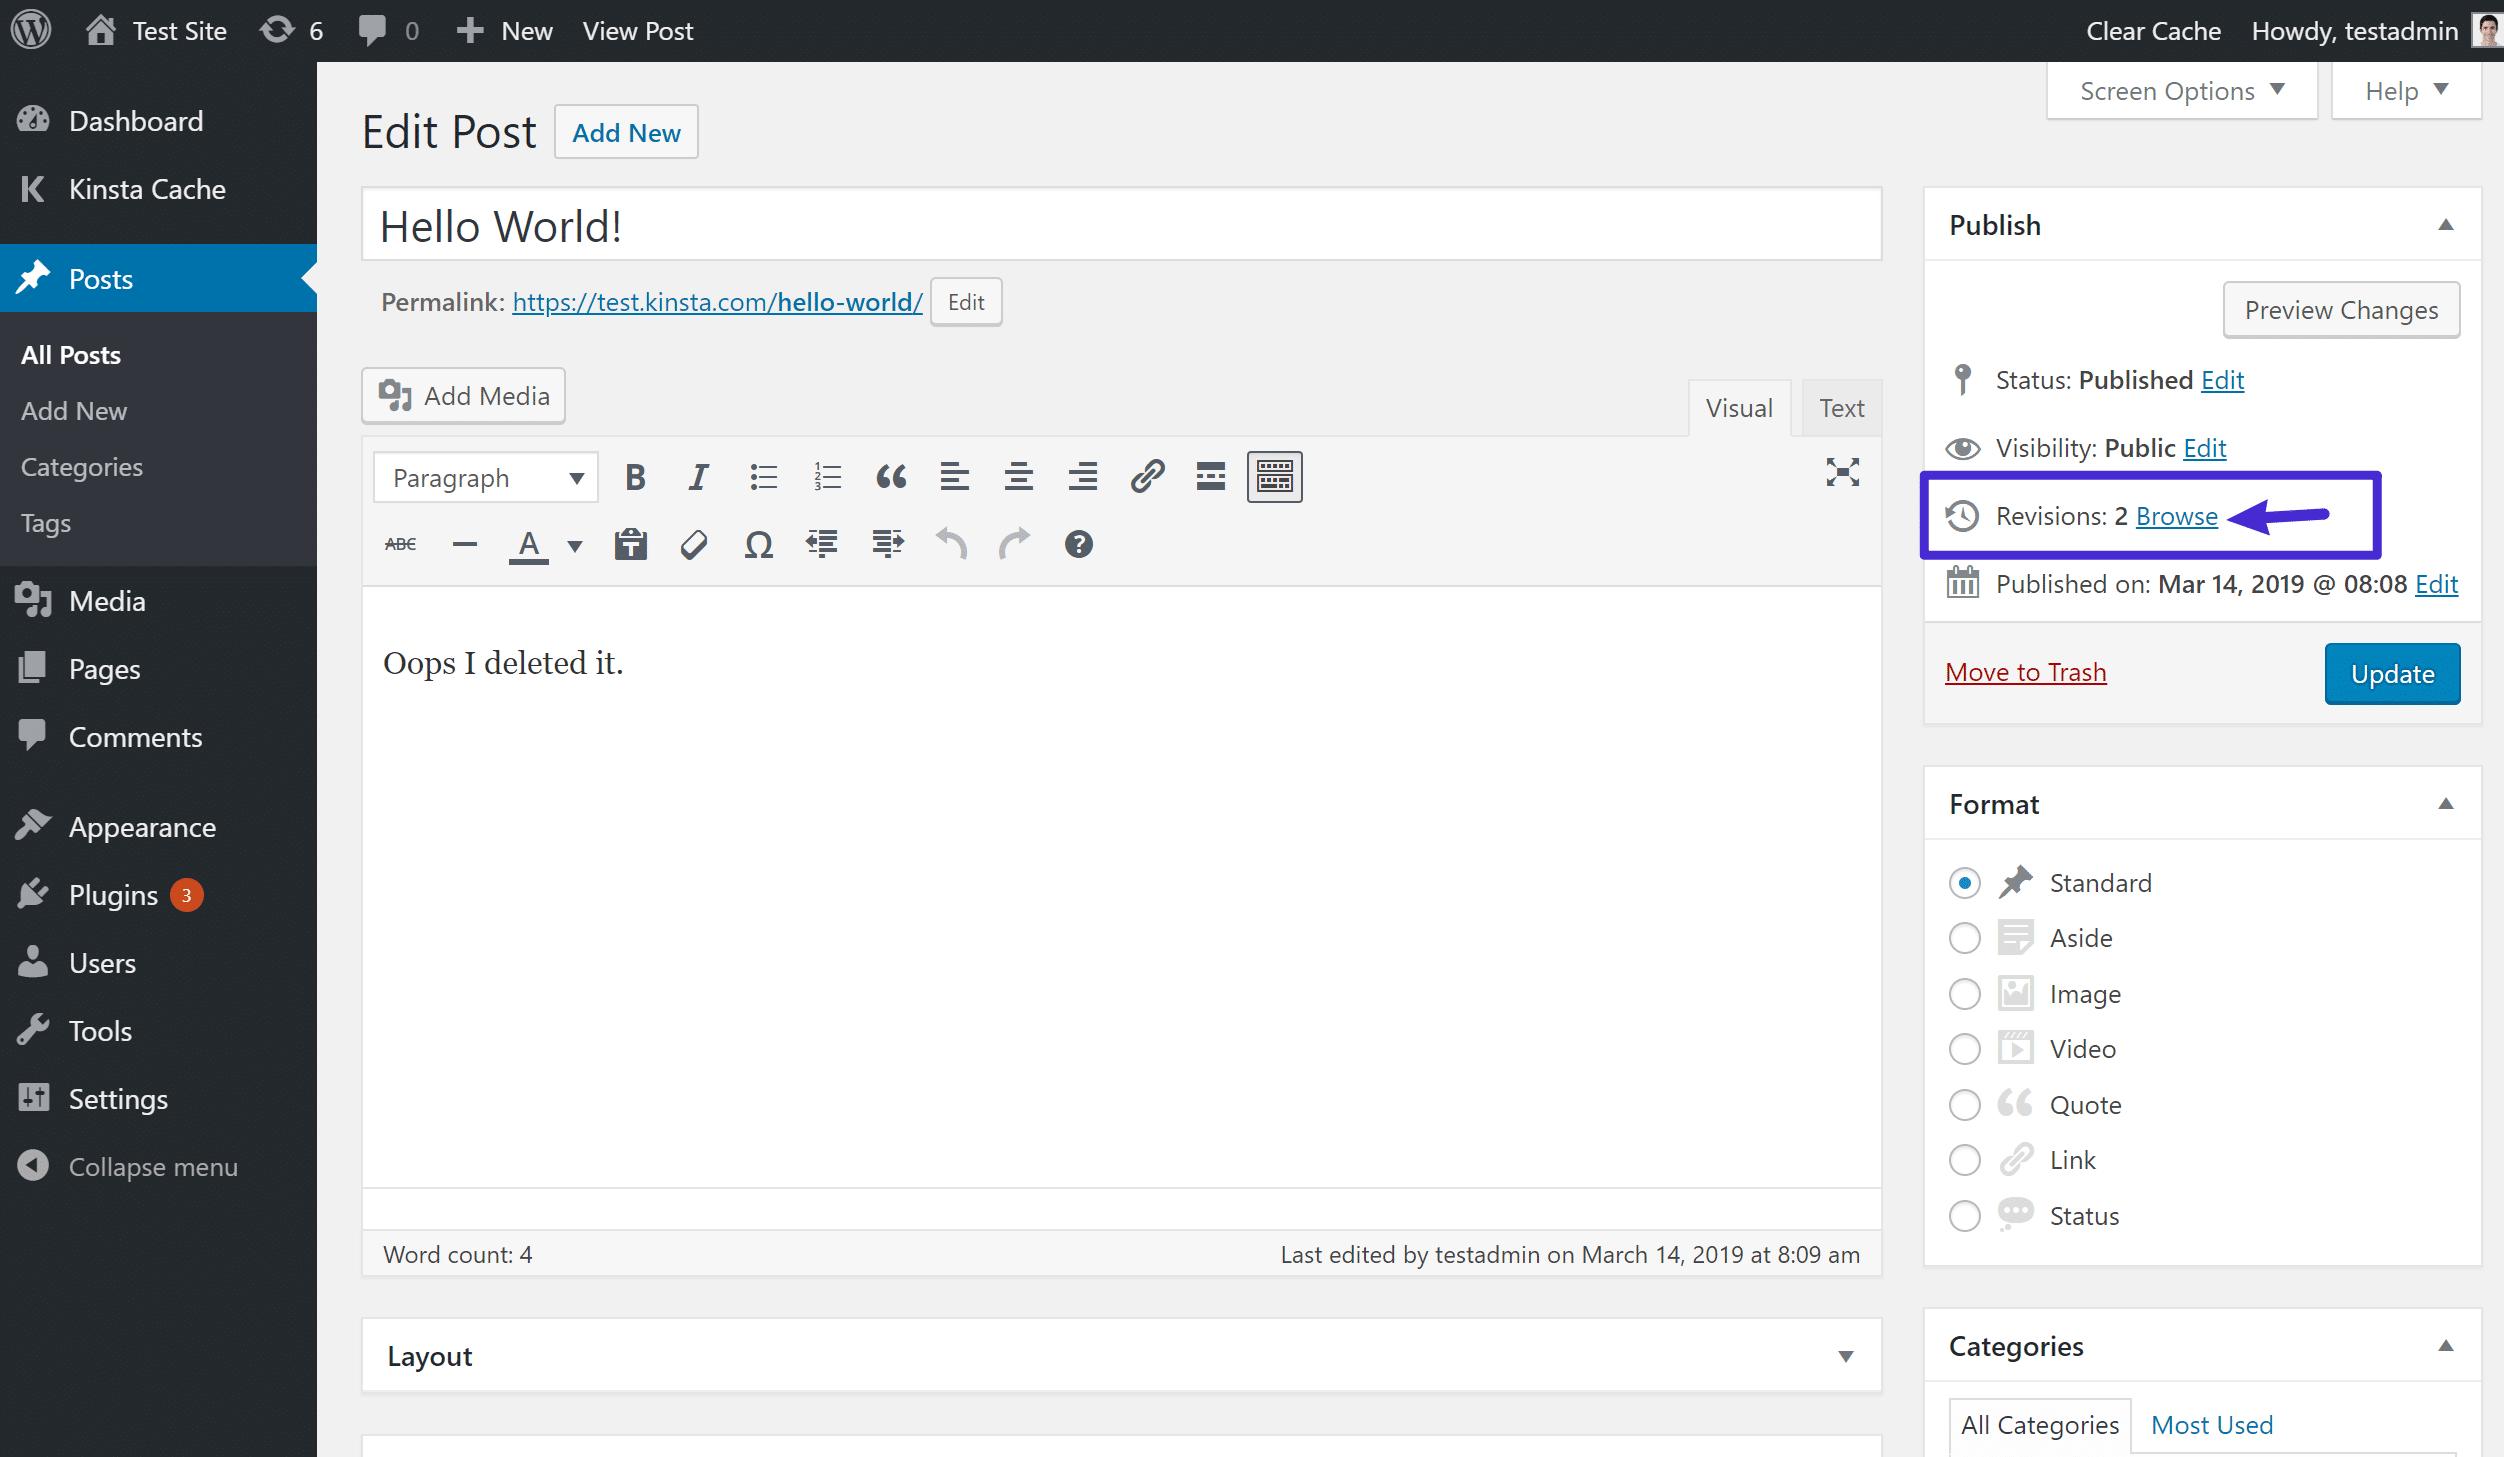 Como acessar as revisões no editor Clássico